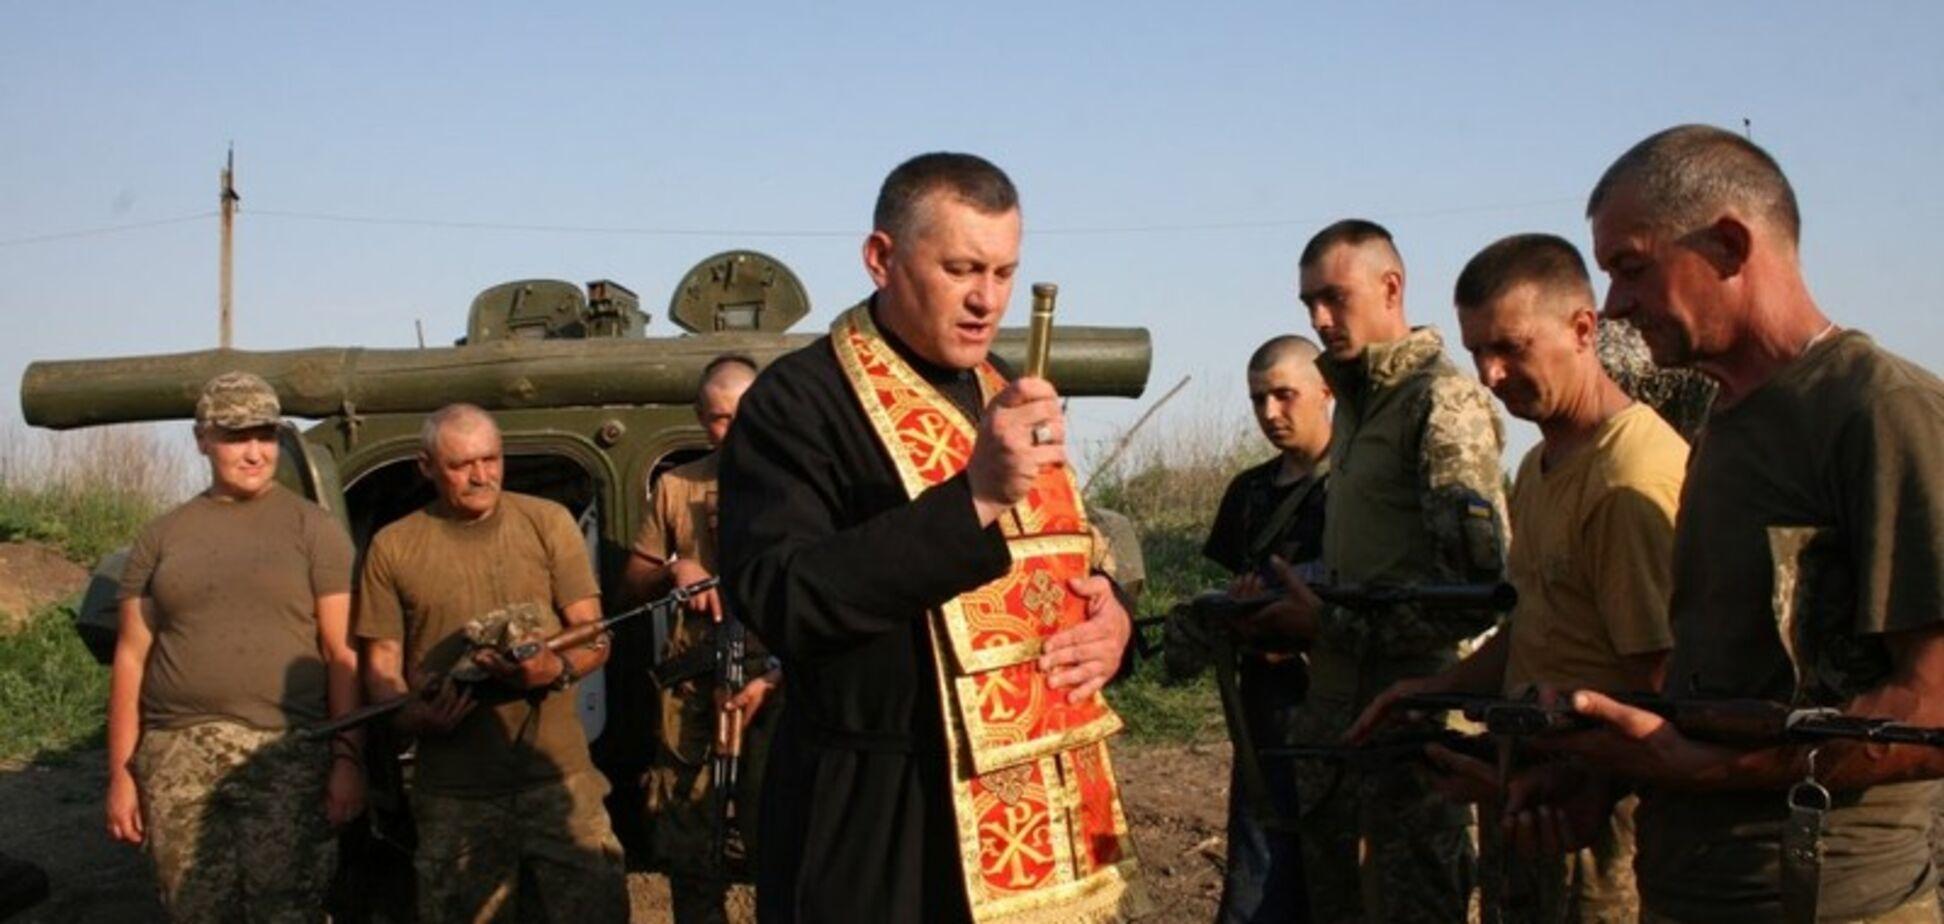 Монастырь МП – перевалочная база сепаратистов? Капеллан УГКЦ сделал важное заявление